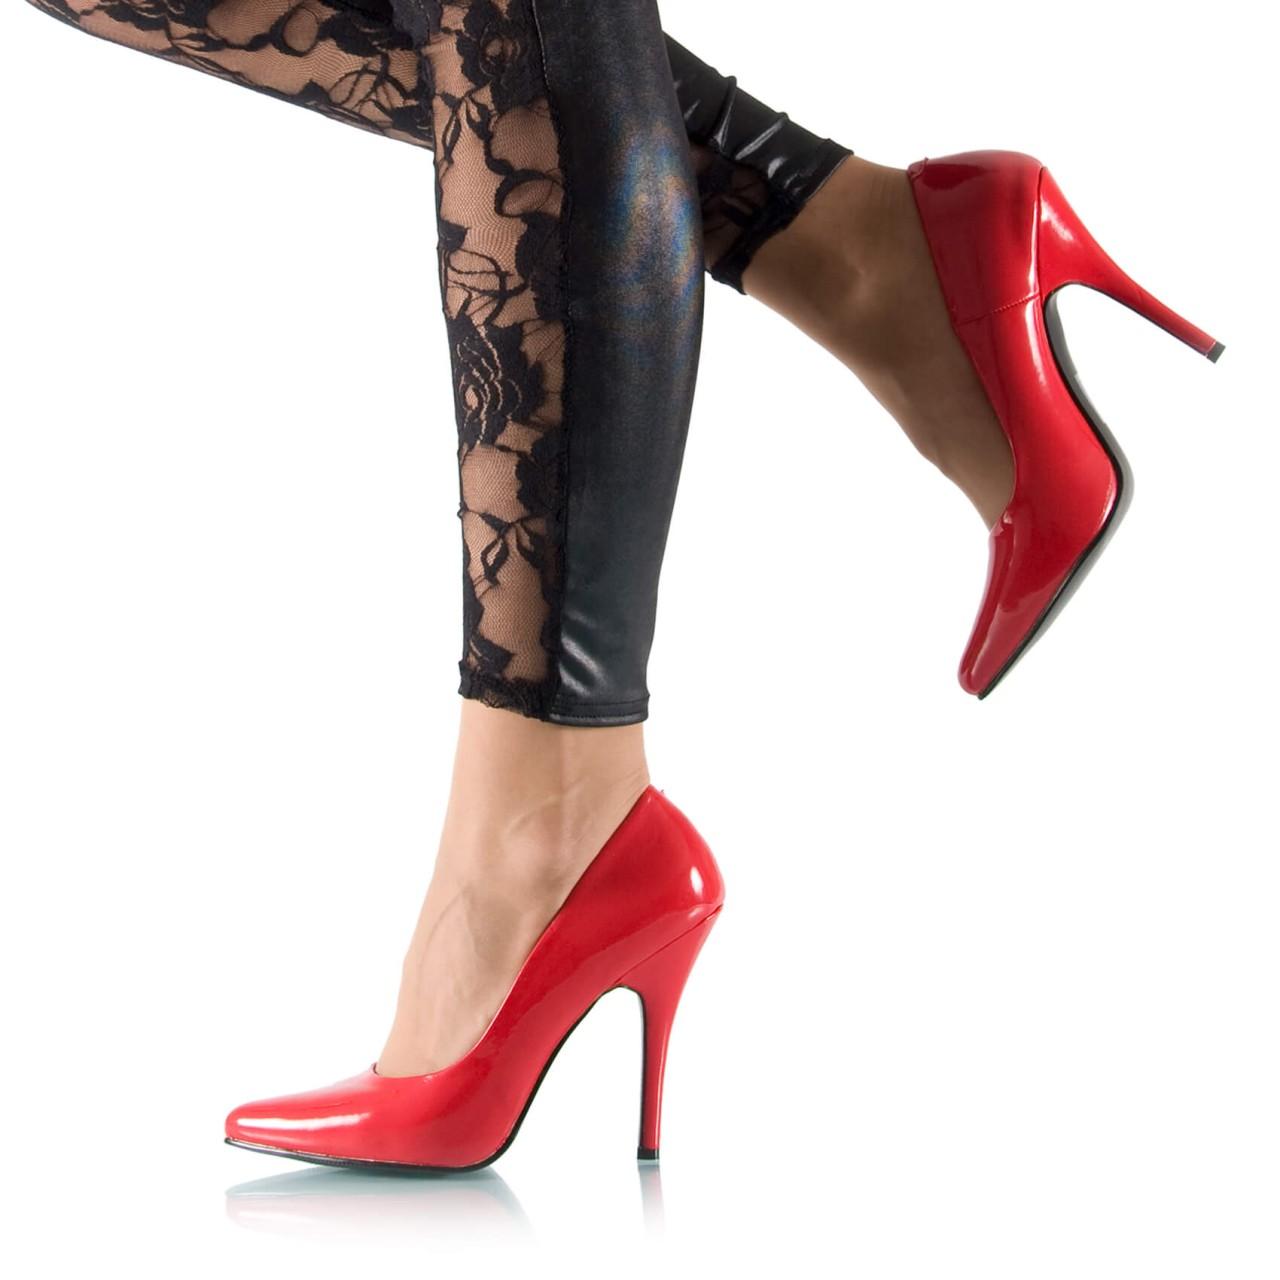 pumps und high heels unterschied